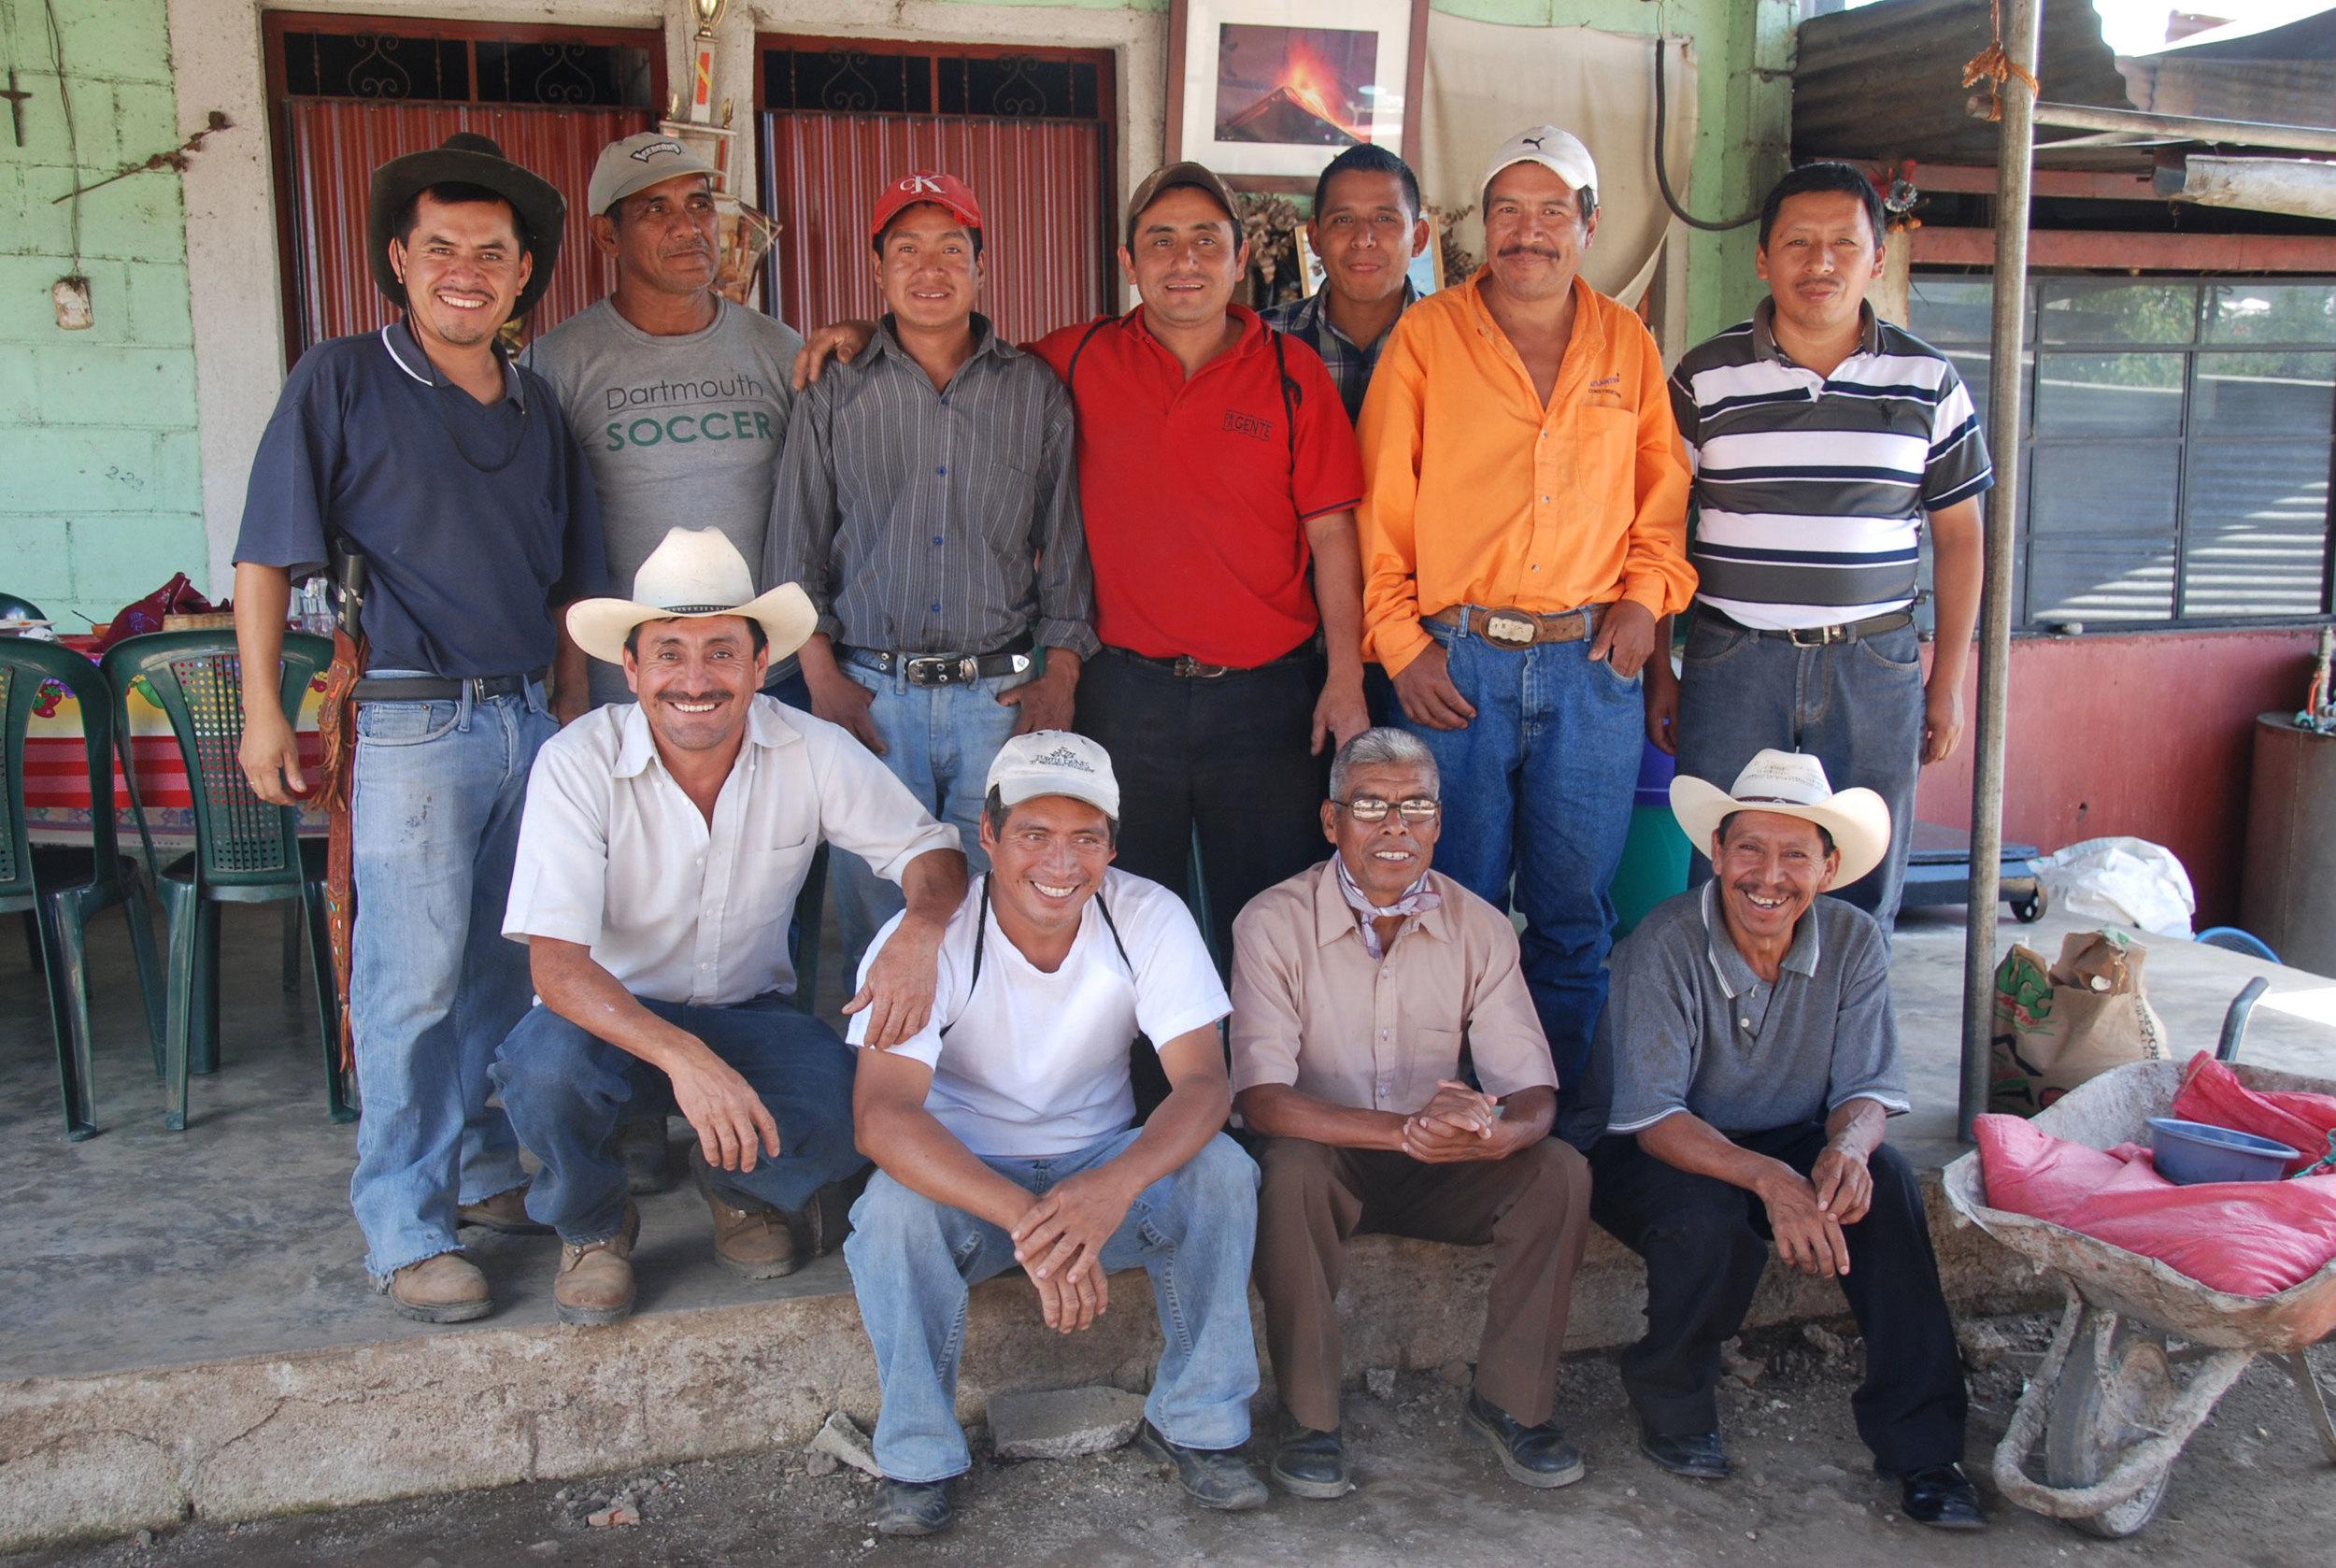 DLG crew